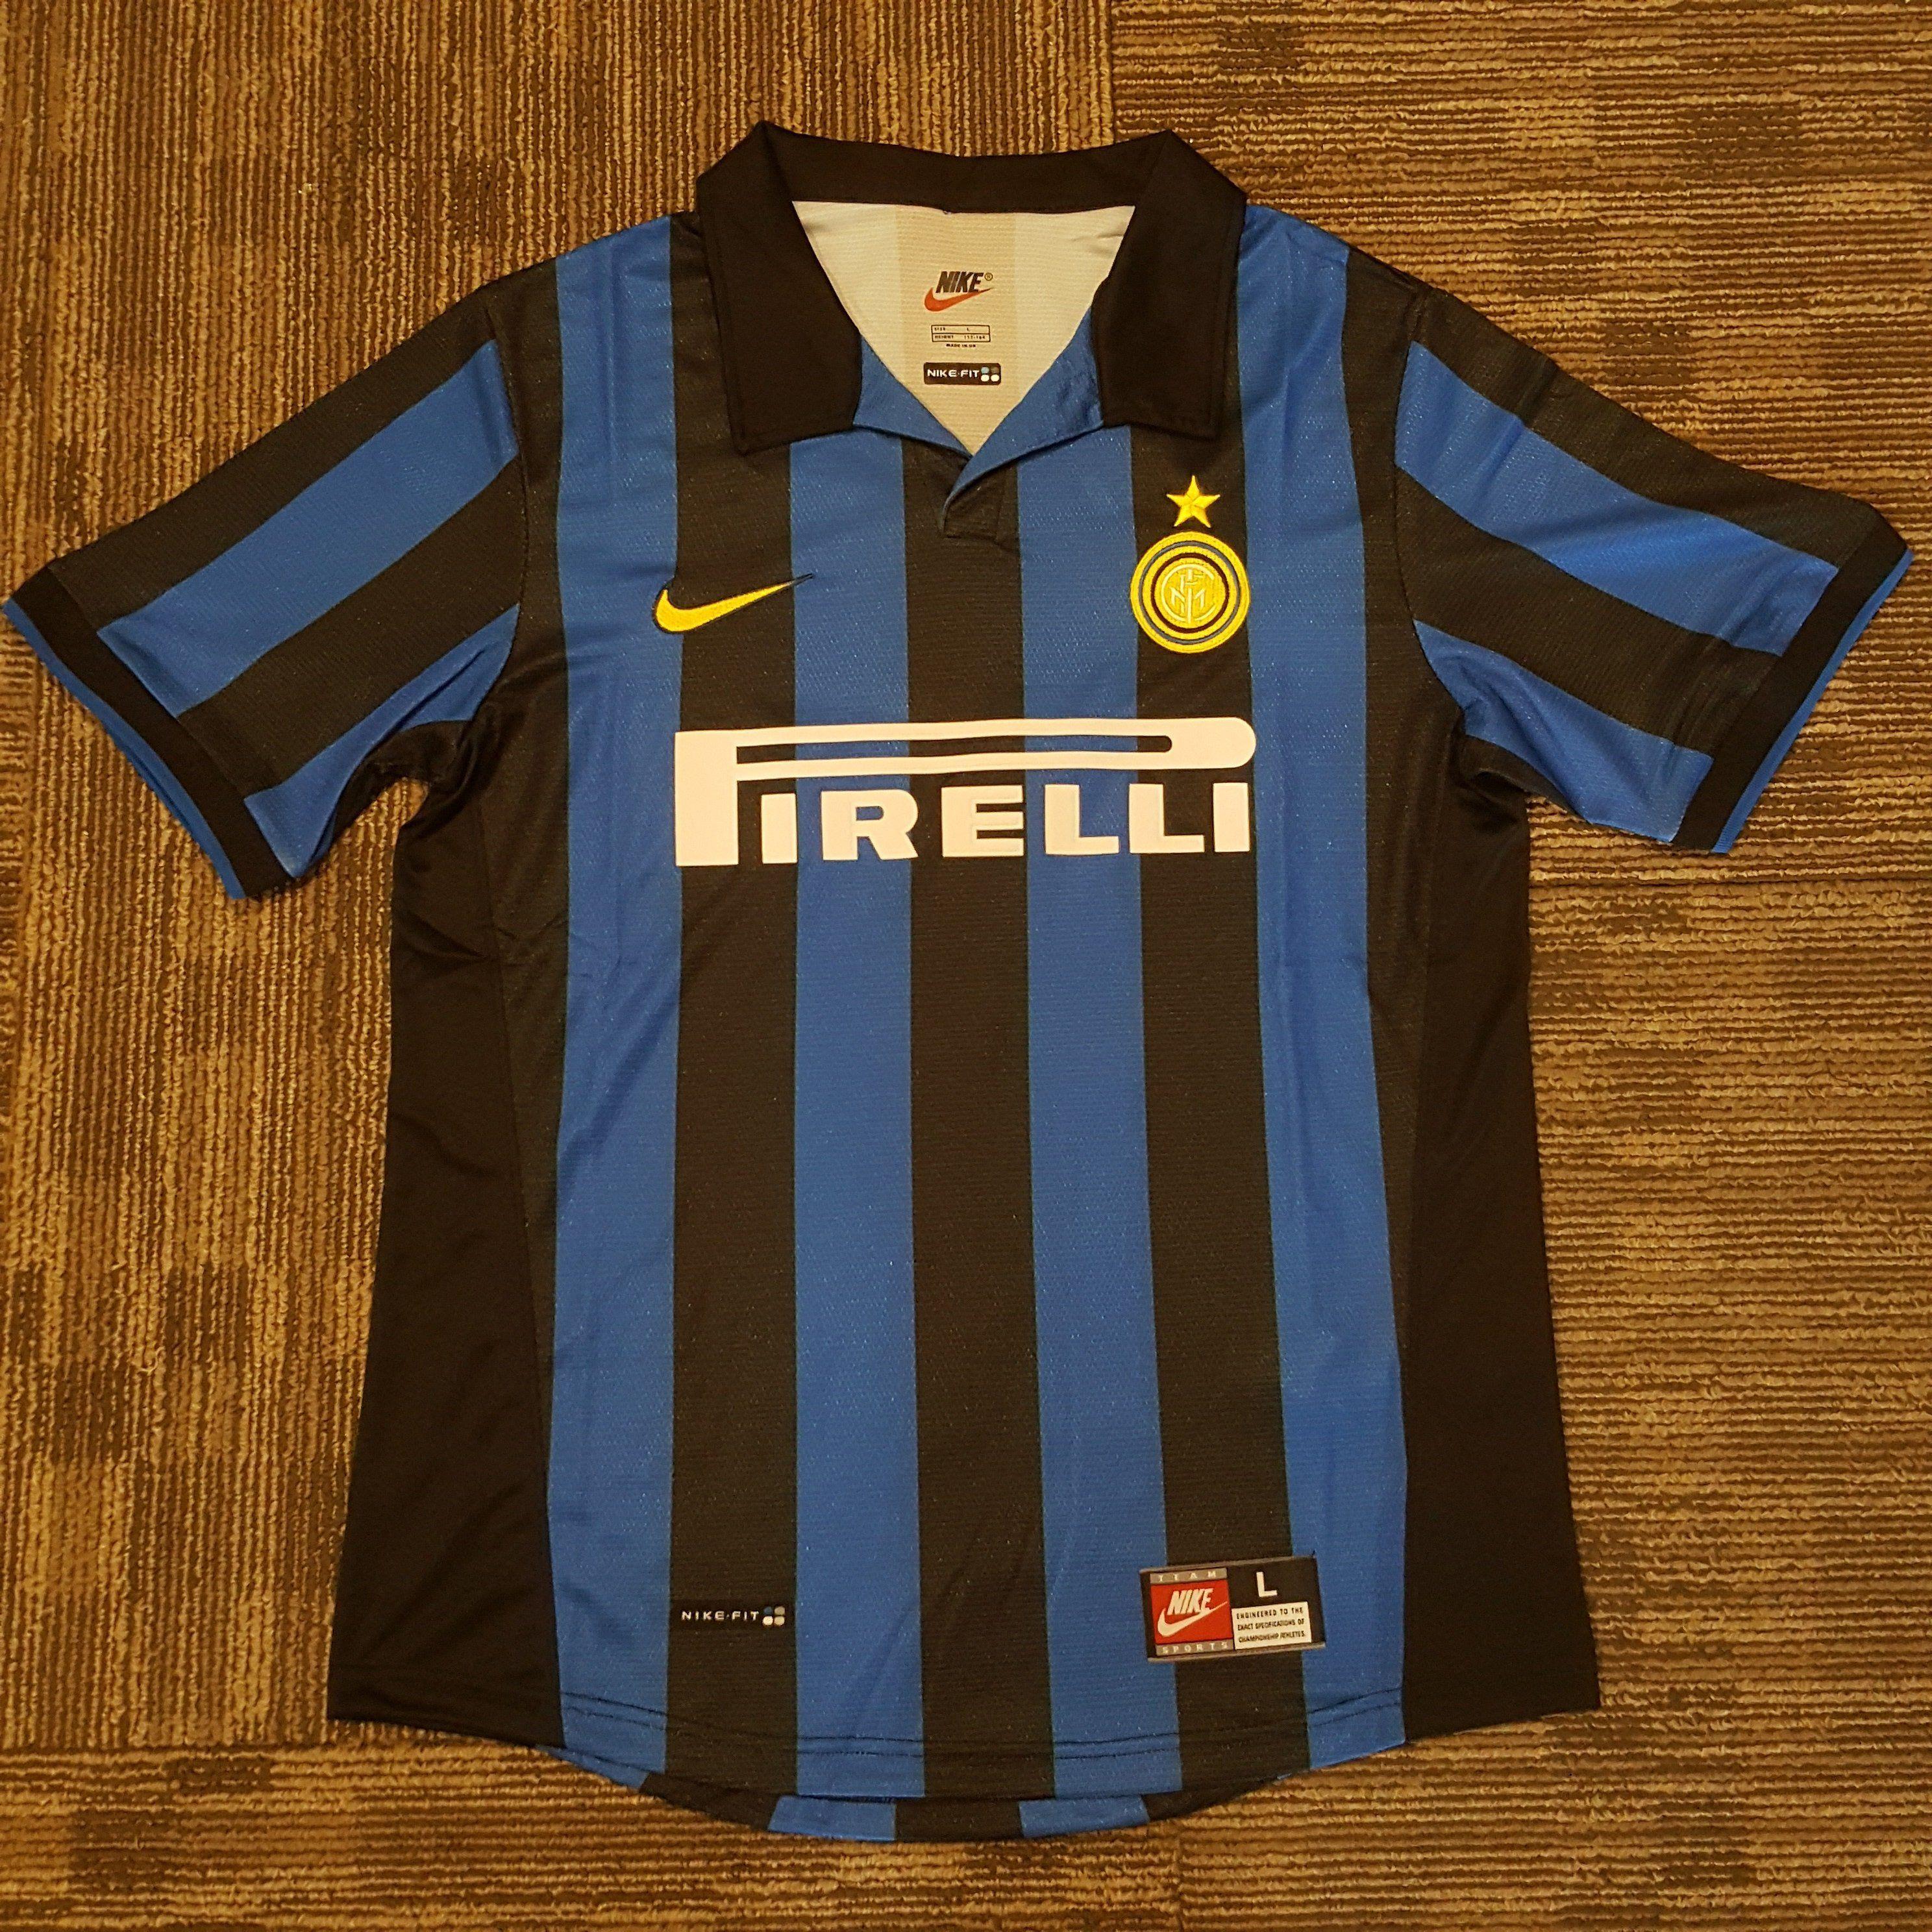 1998 99 Inter Milan Home Shirt Di 2020